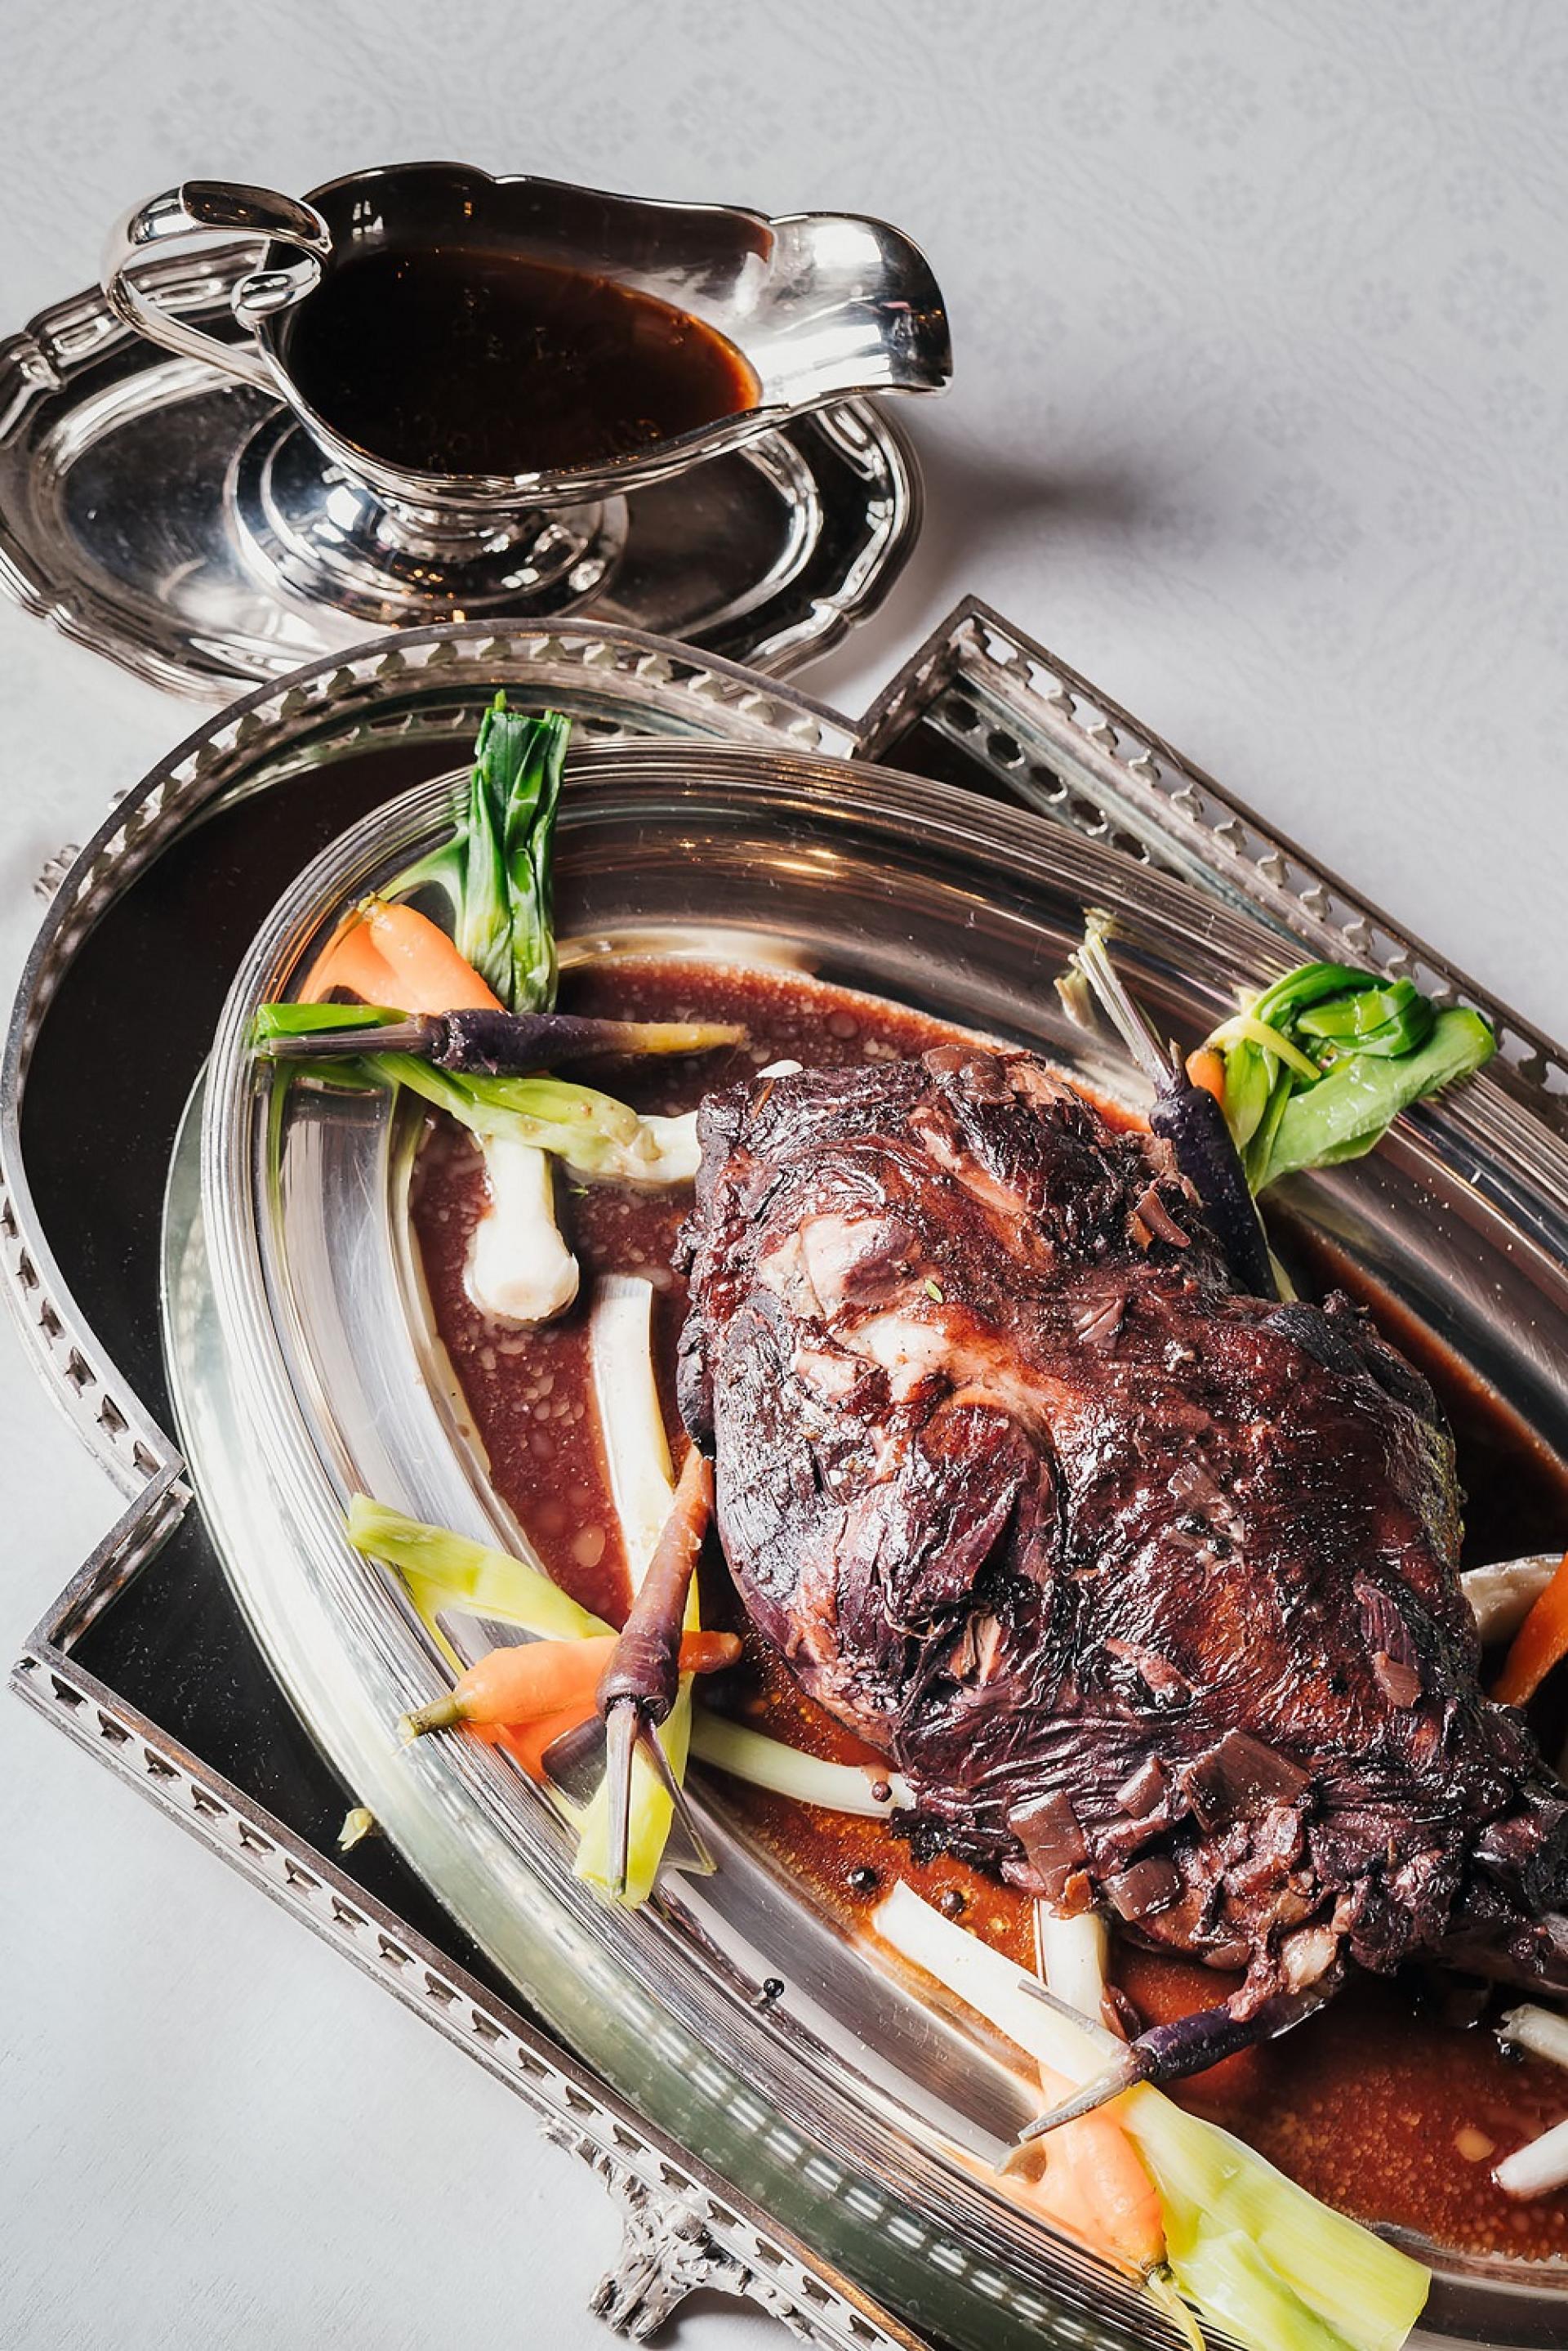 Slow-roasted leg of lamb